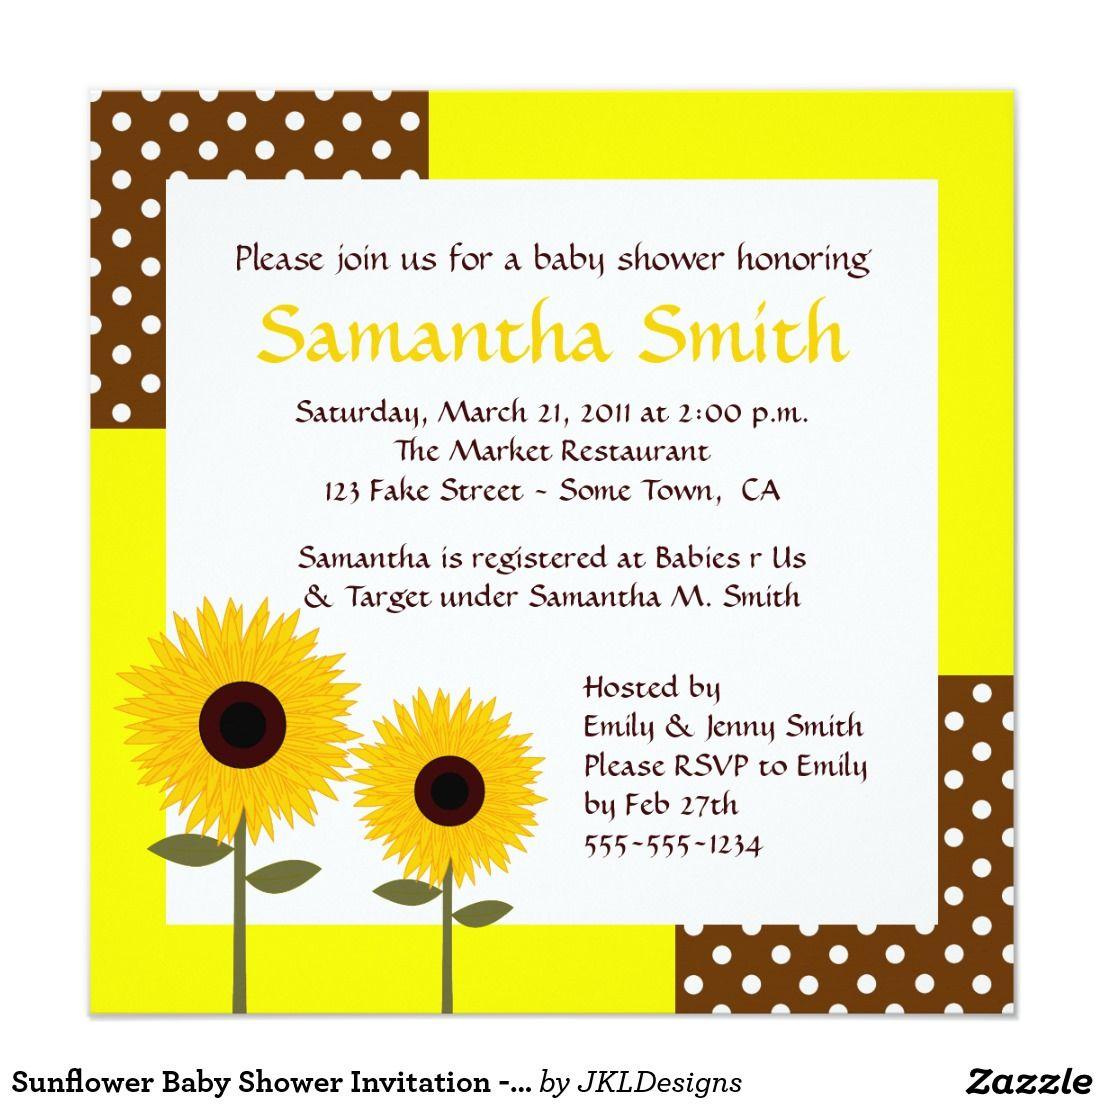 Sunflower Baby Shower Invitation - Yellow & Brown | Sunflower baby ...